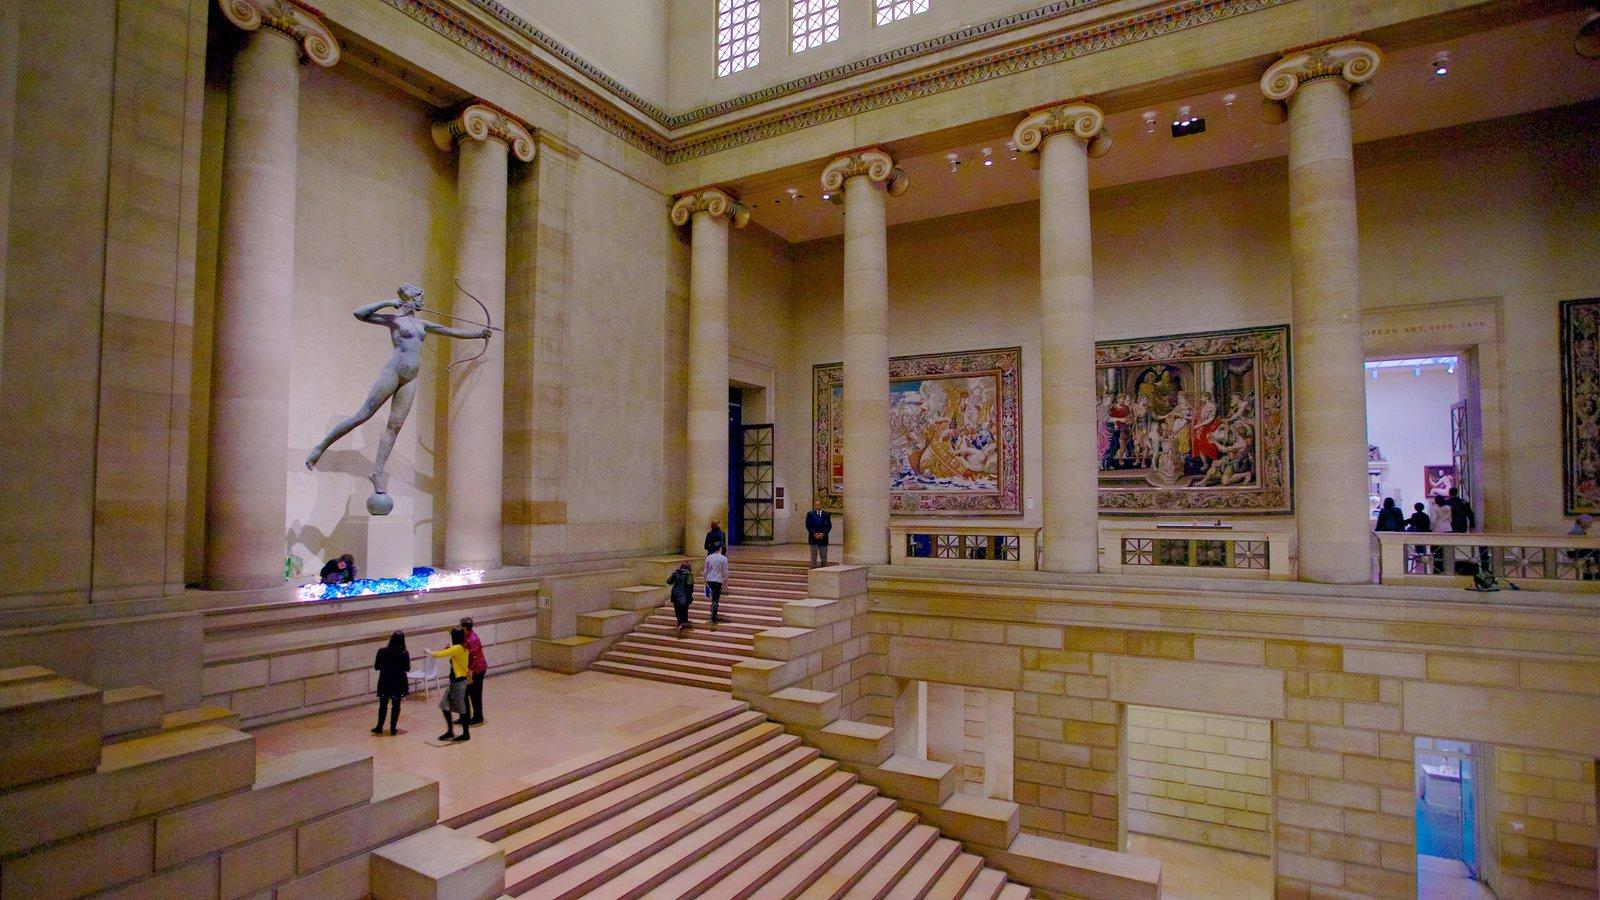 Museu de Arte caracterizando vistas internas e arquitetura de patrimônio